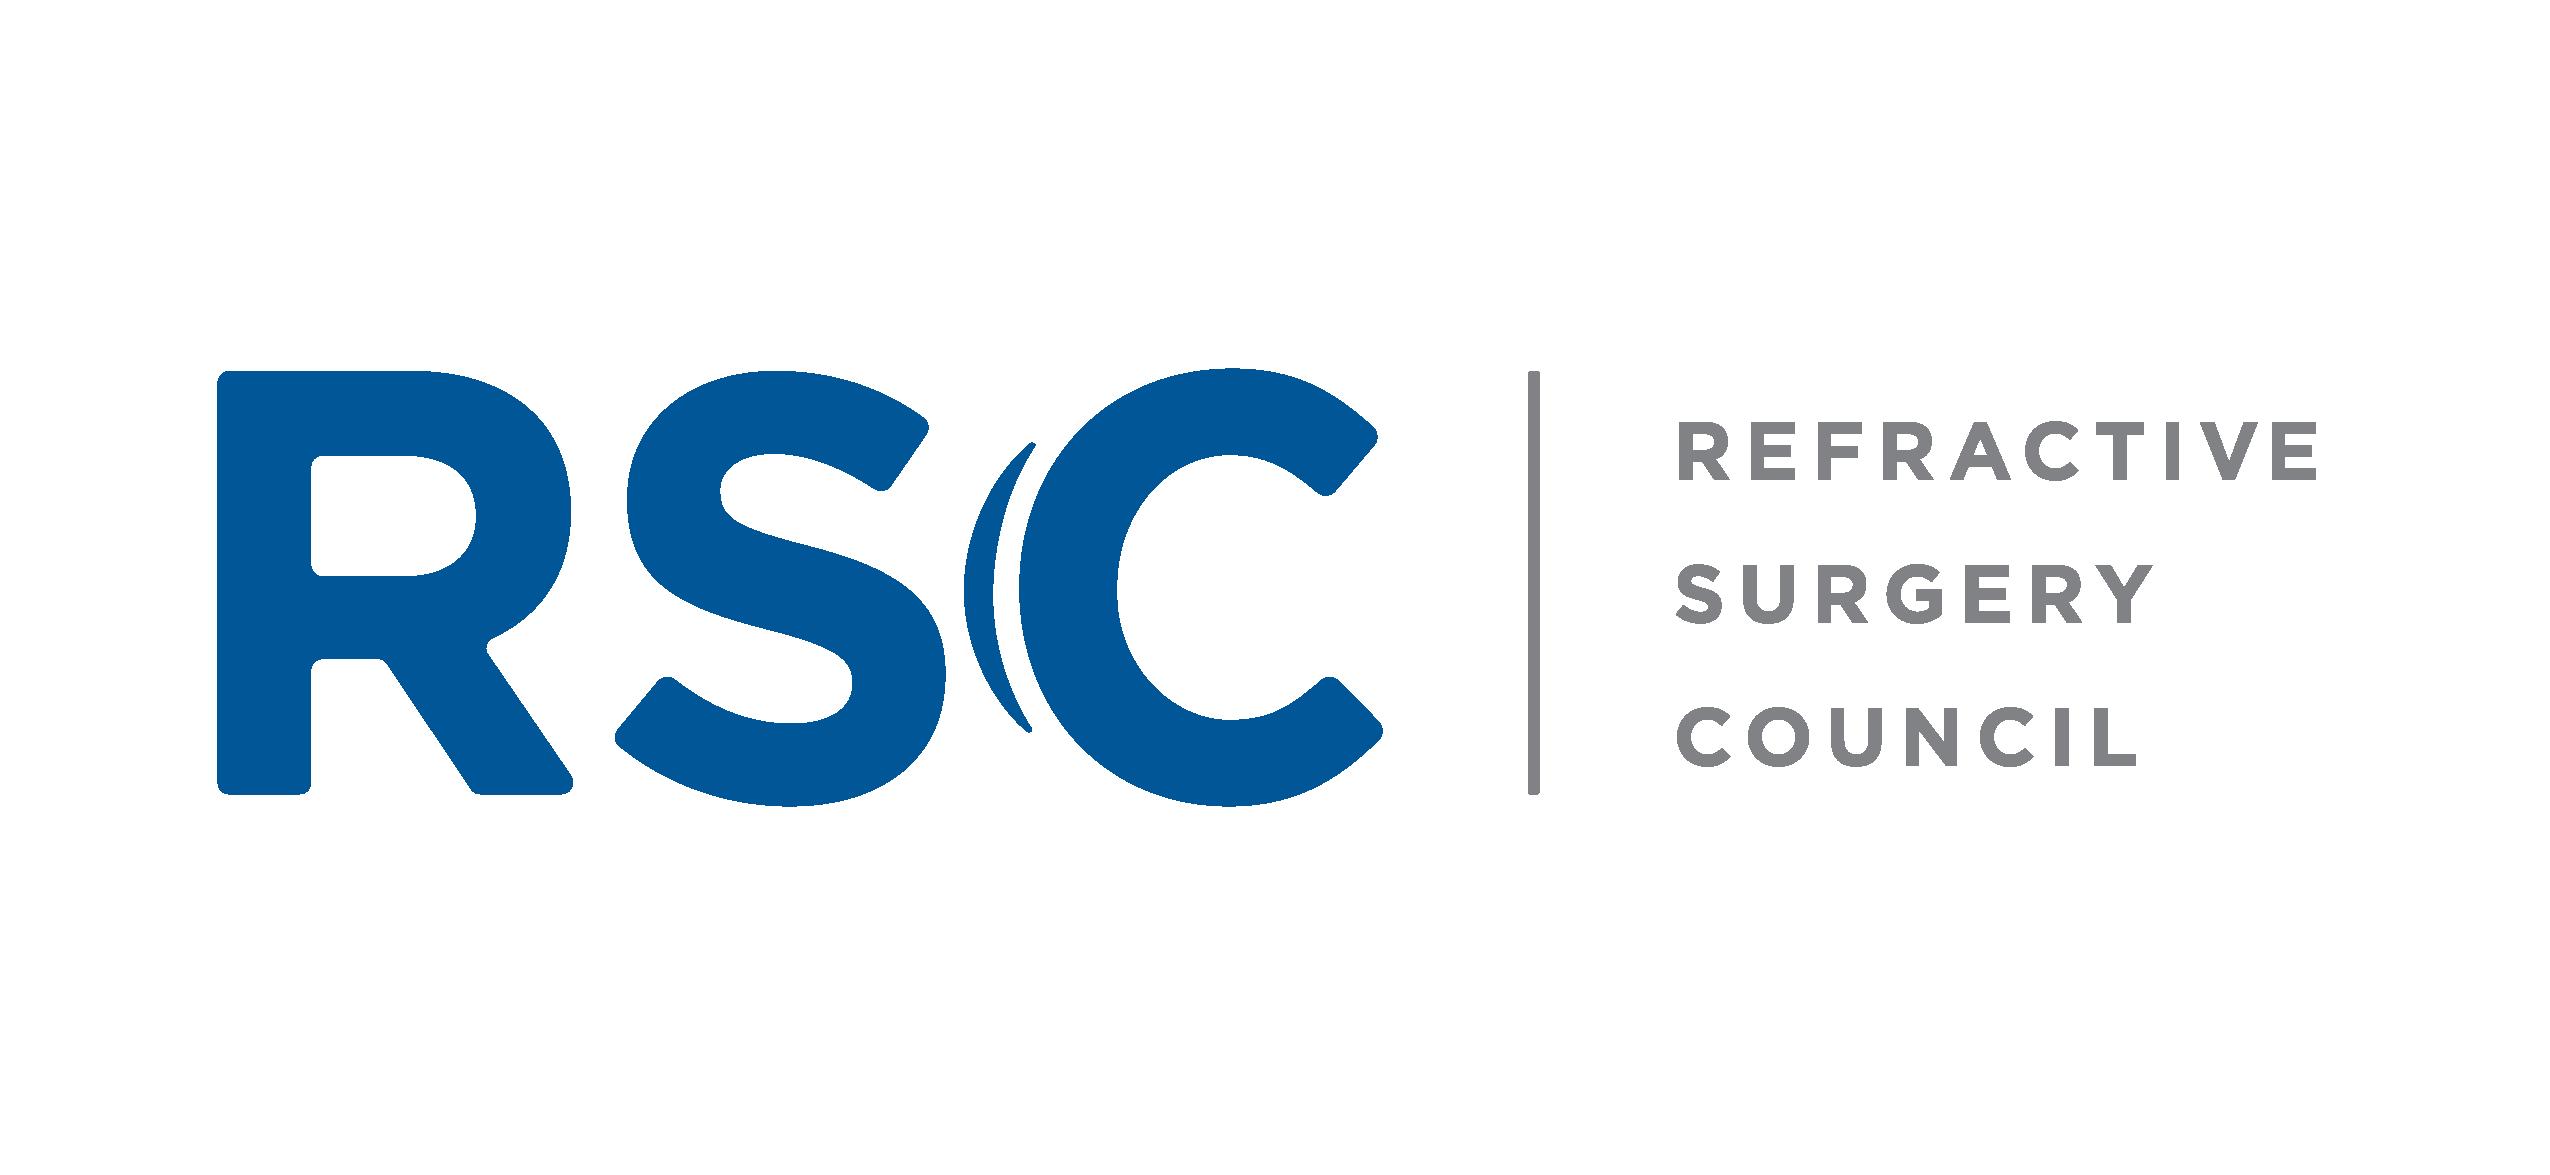 Refractive Surgery Council logo